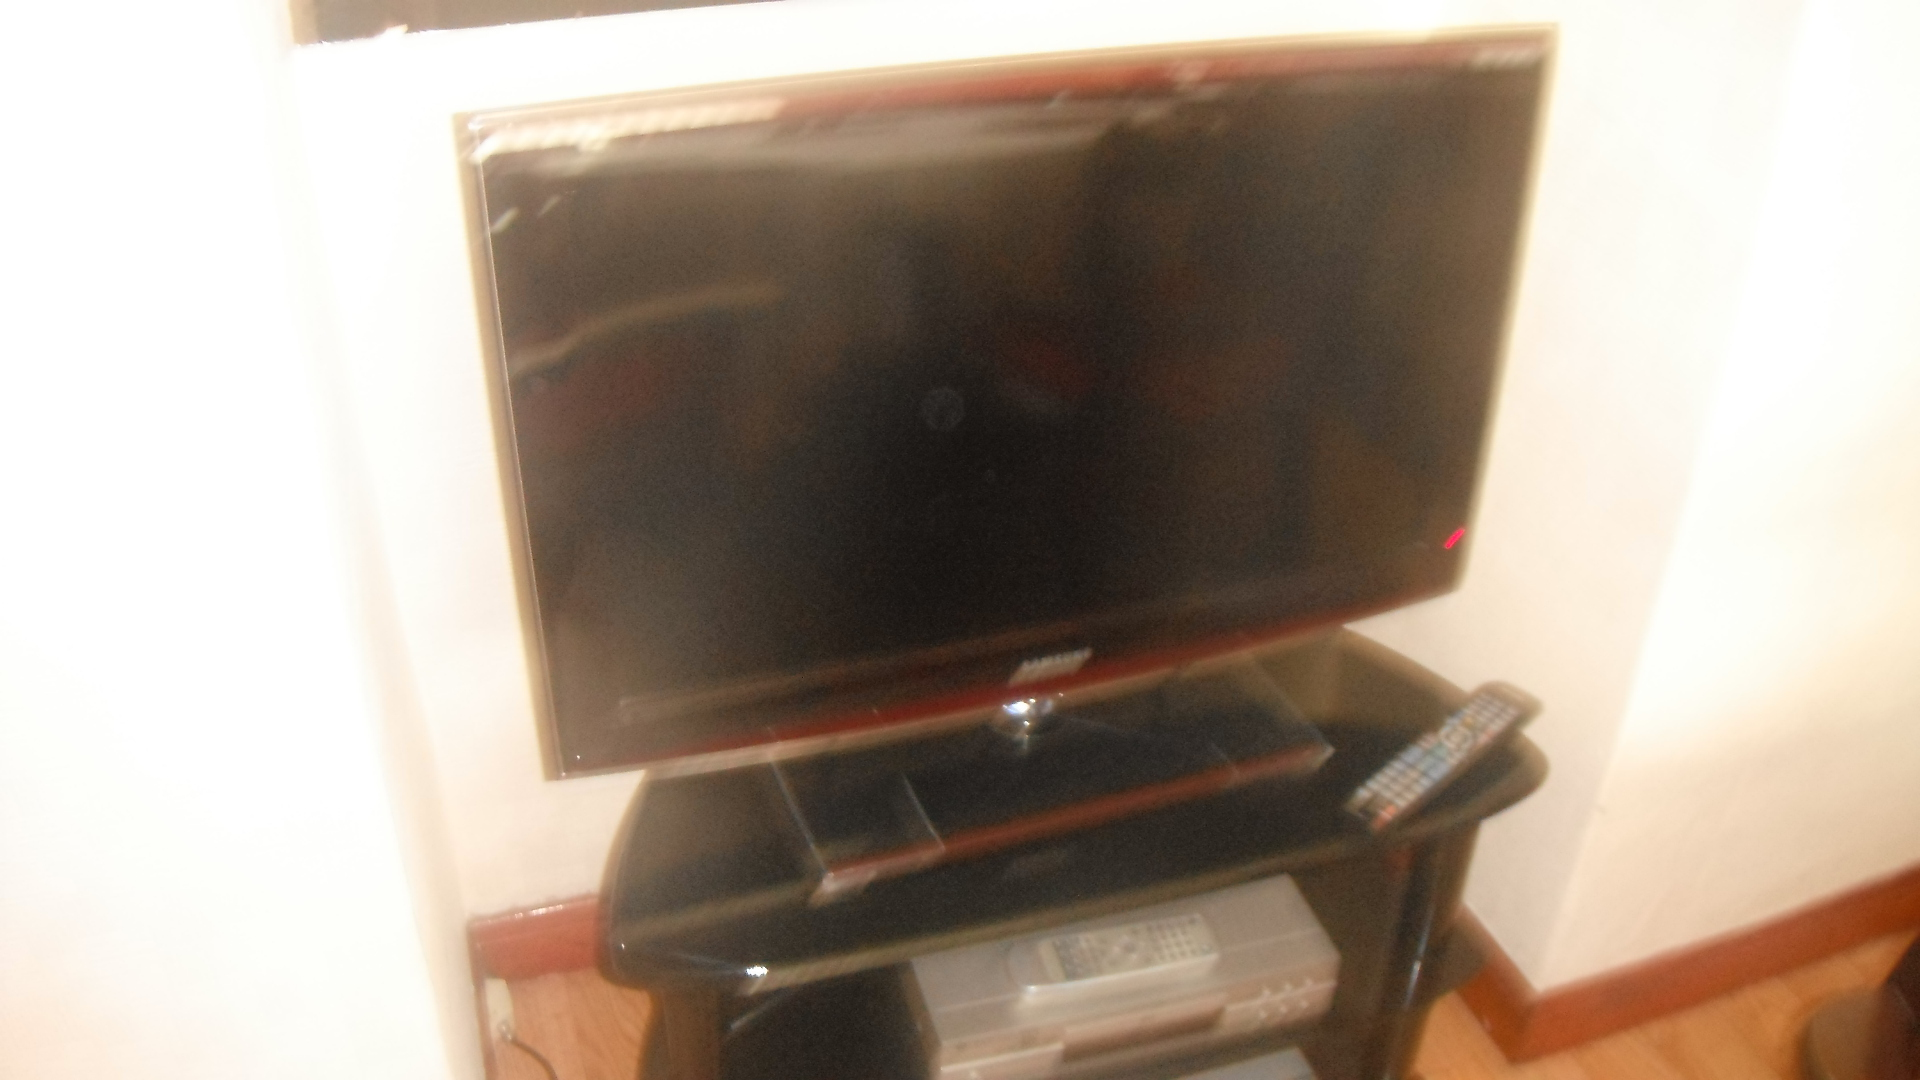 Photo - My TV set, taken by me